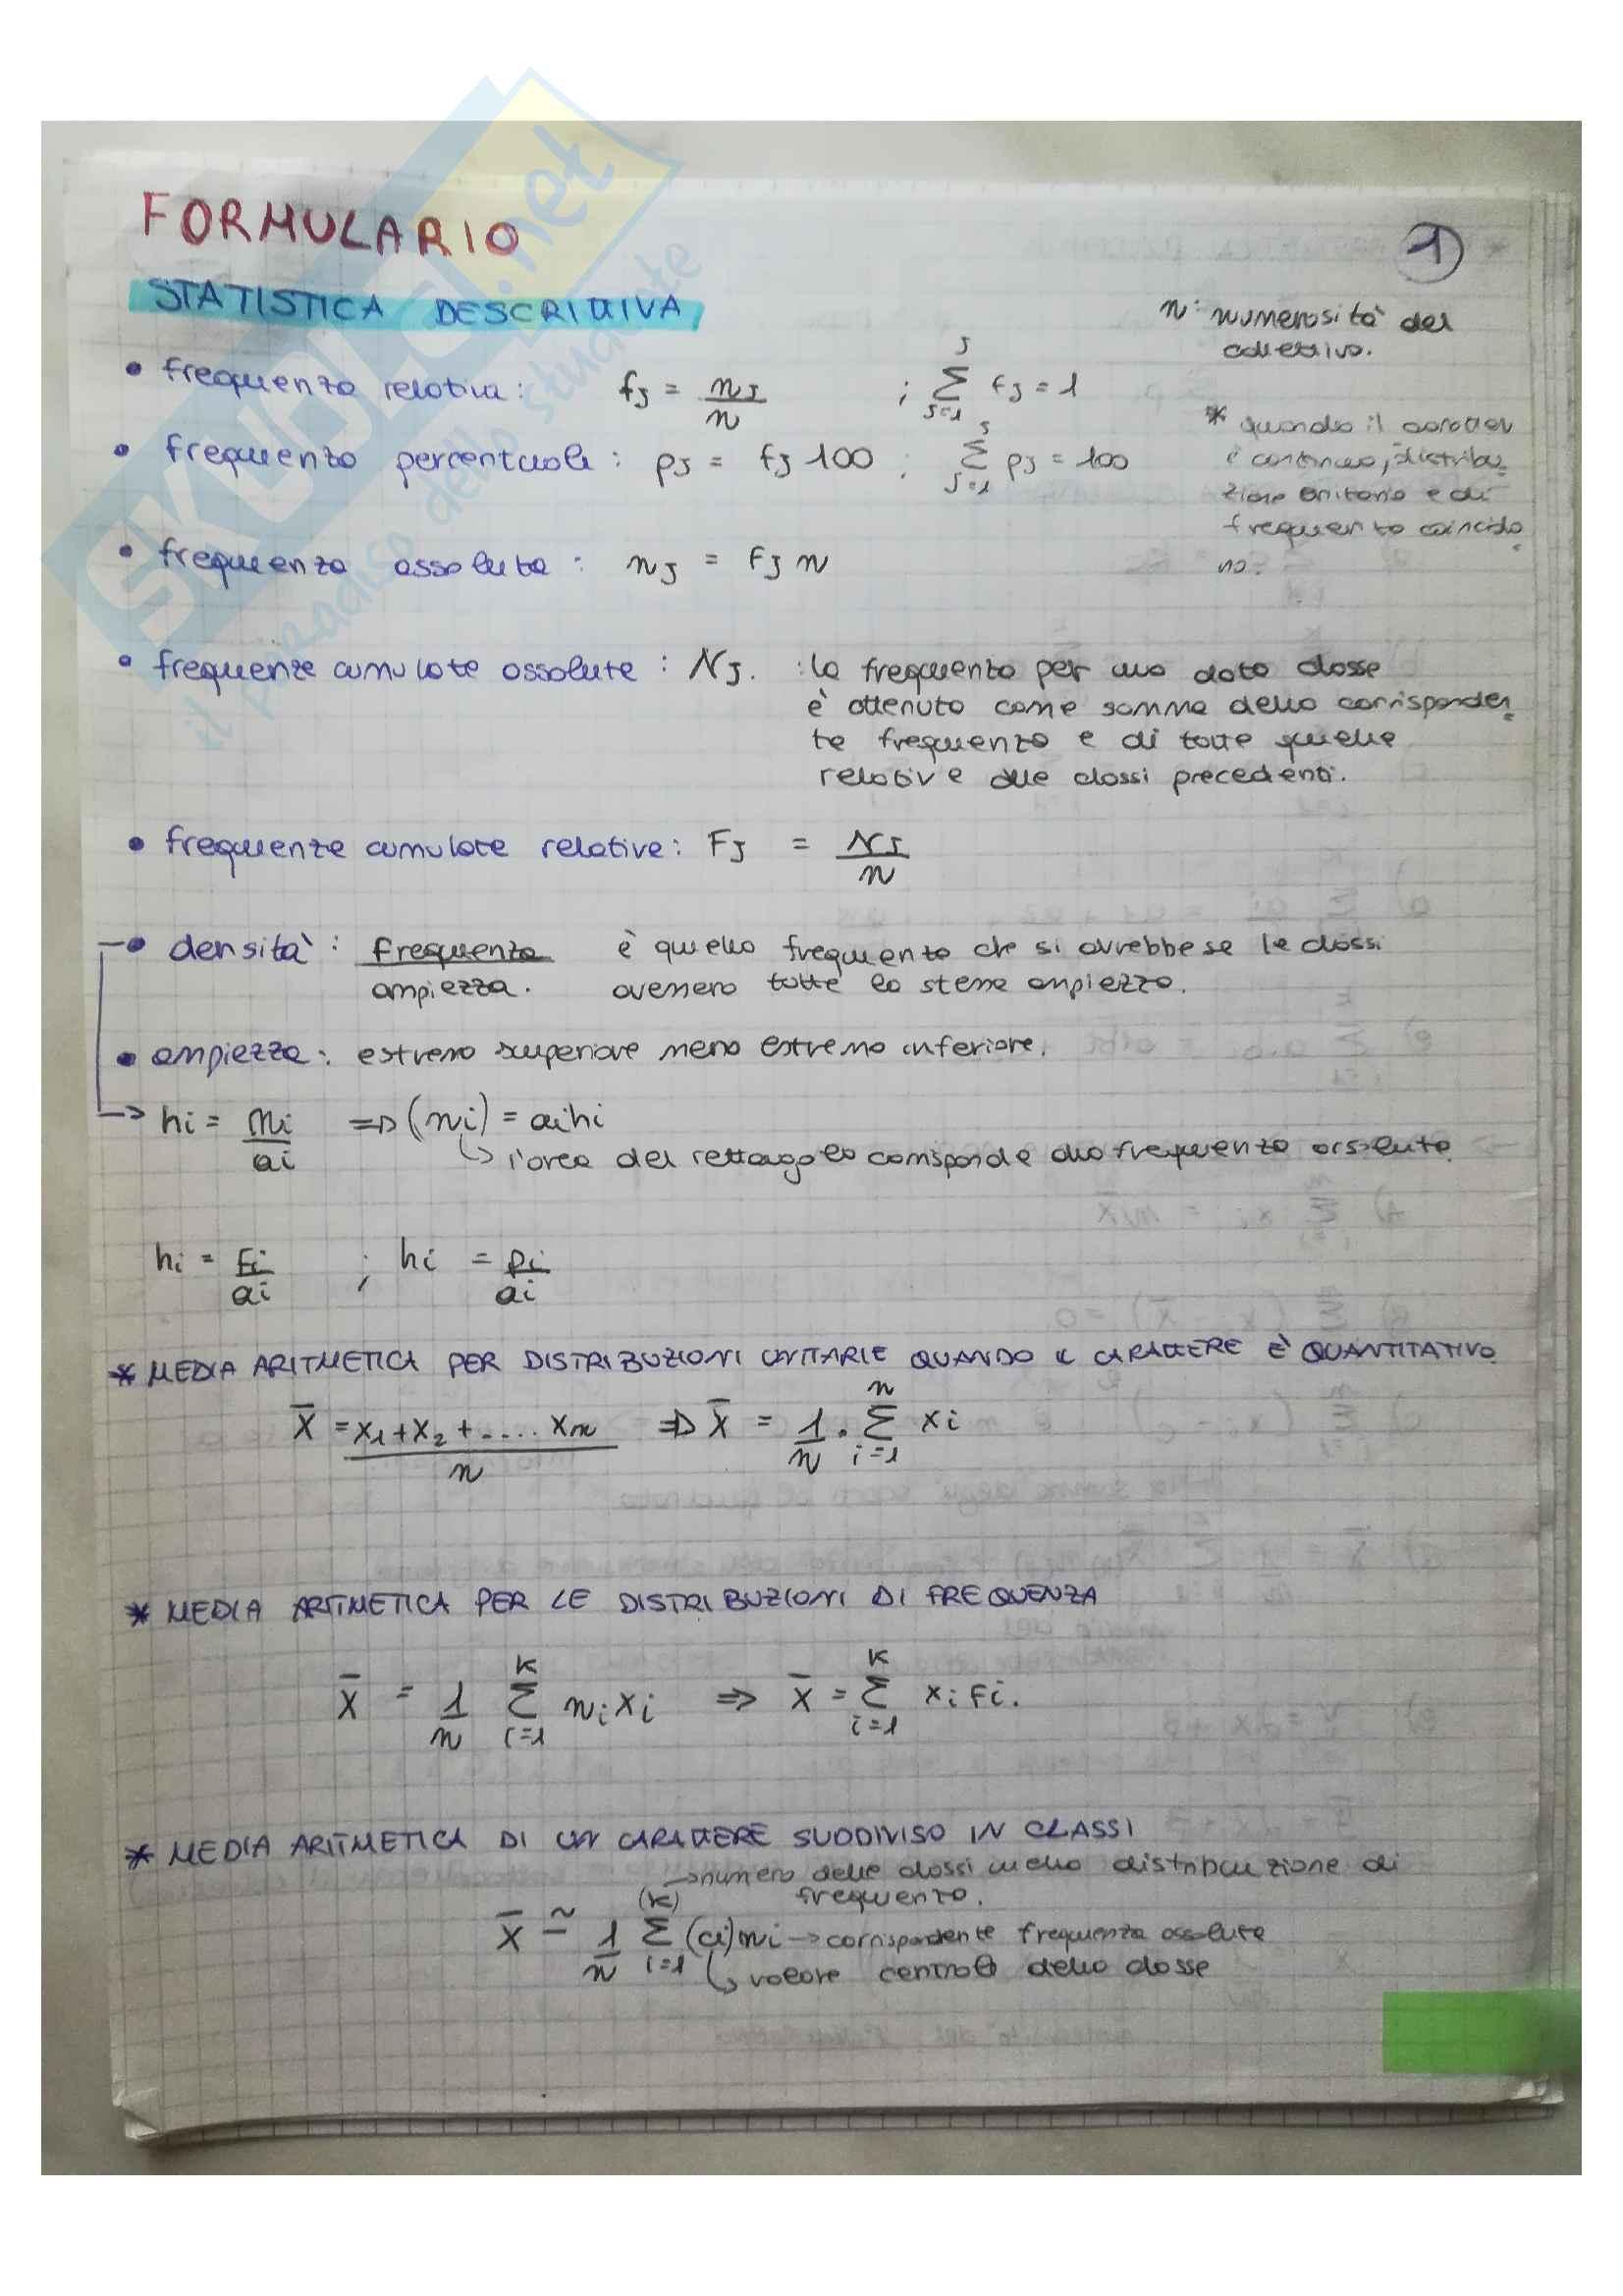 Formulario Statisca descrittiva Probabilità e variabili aleatorie